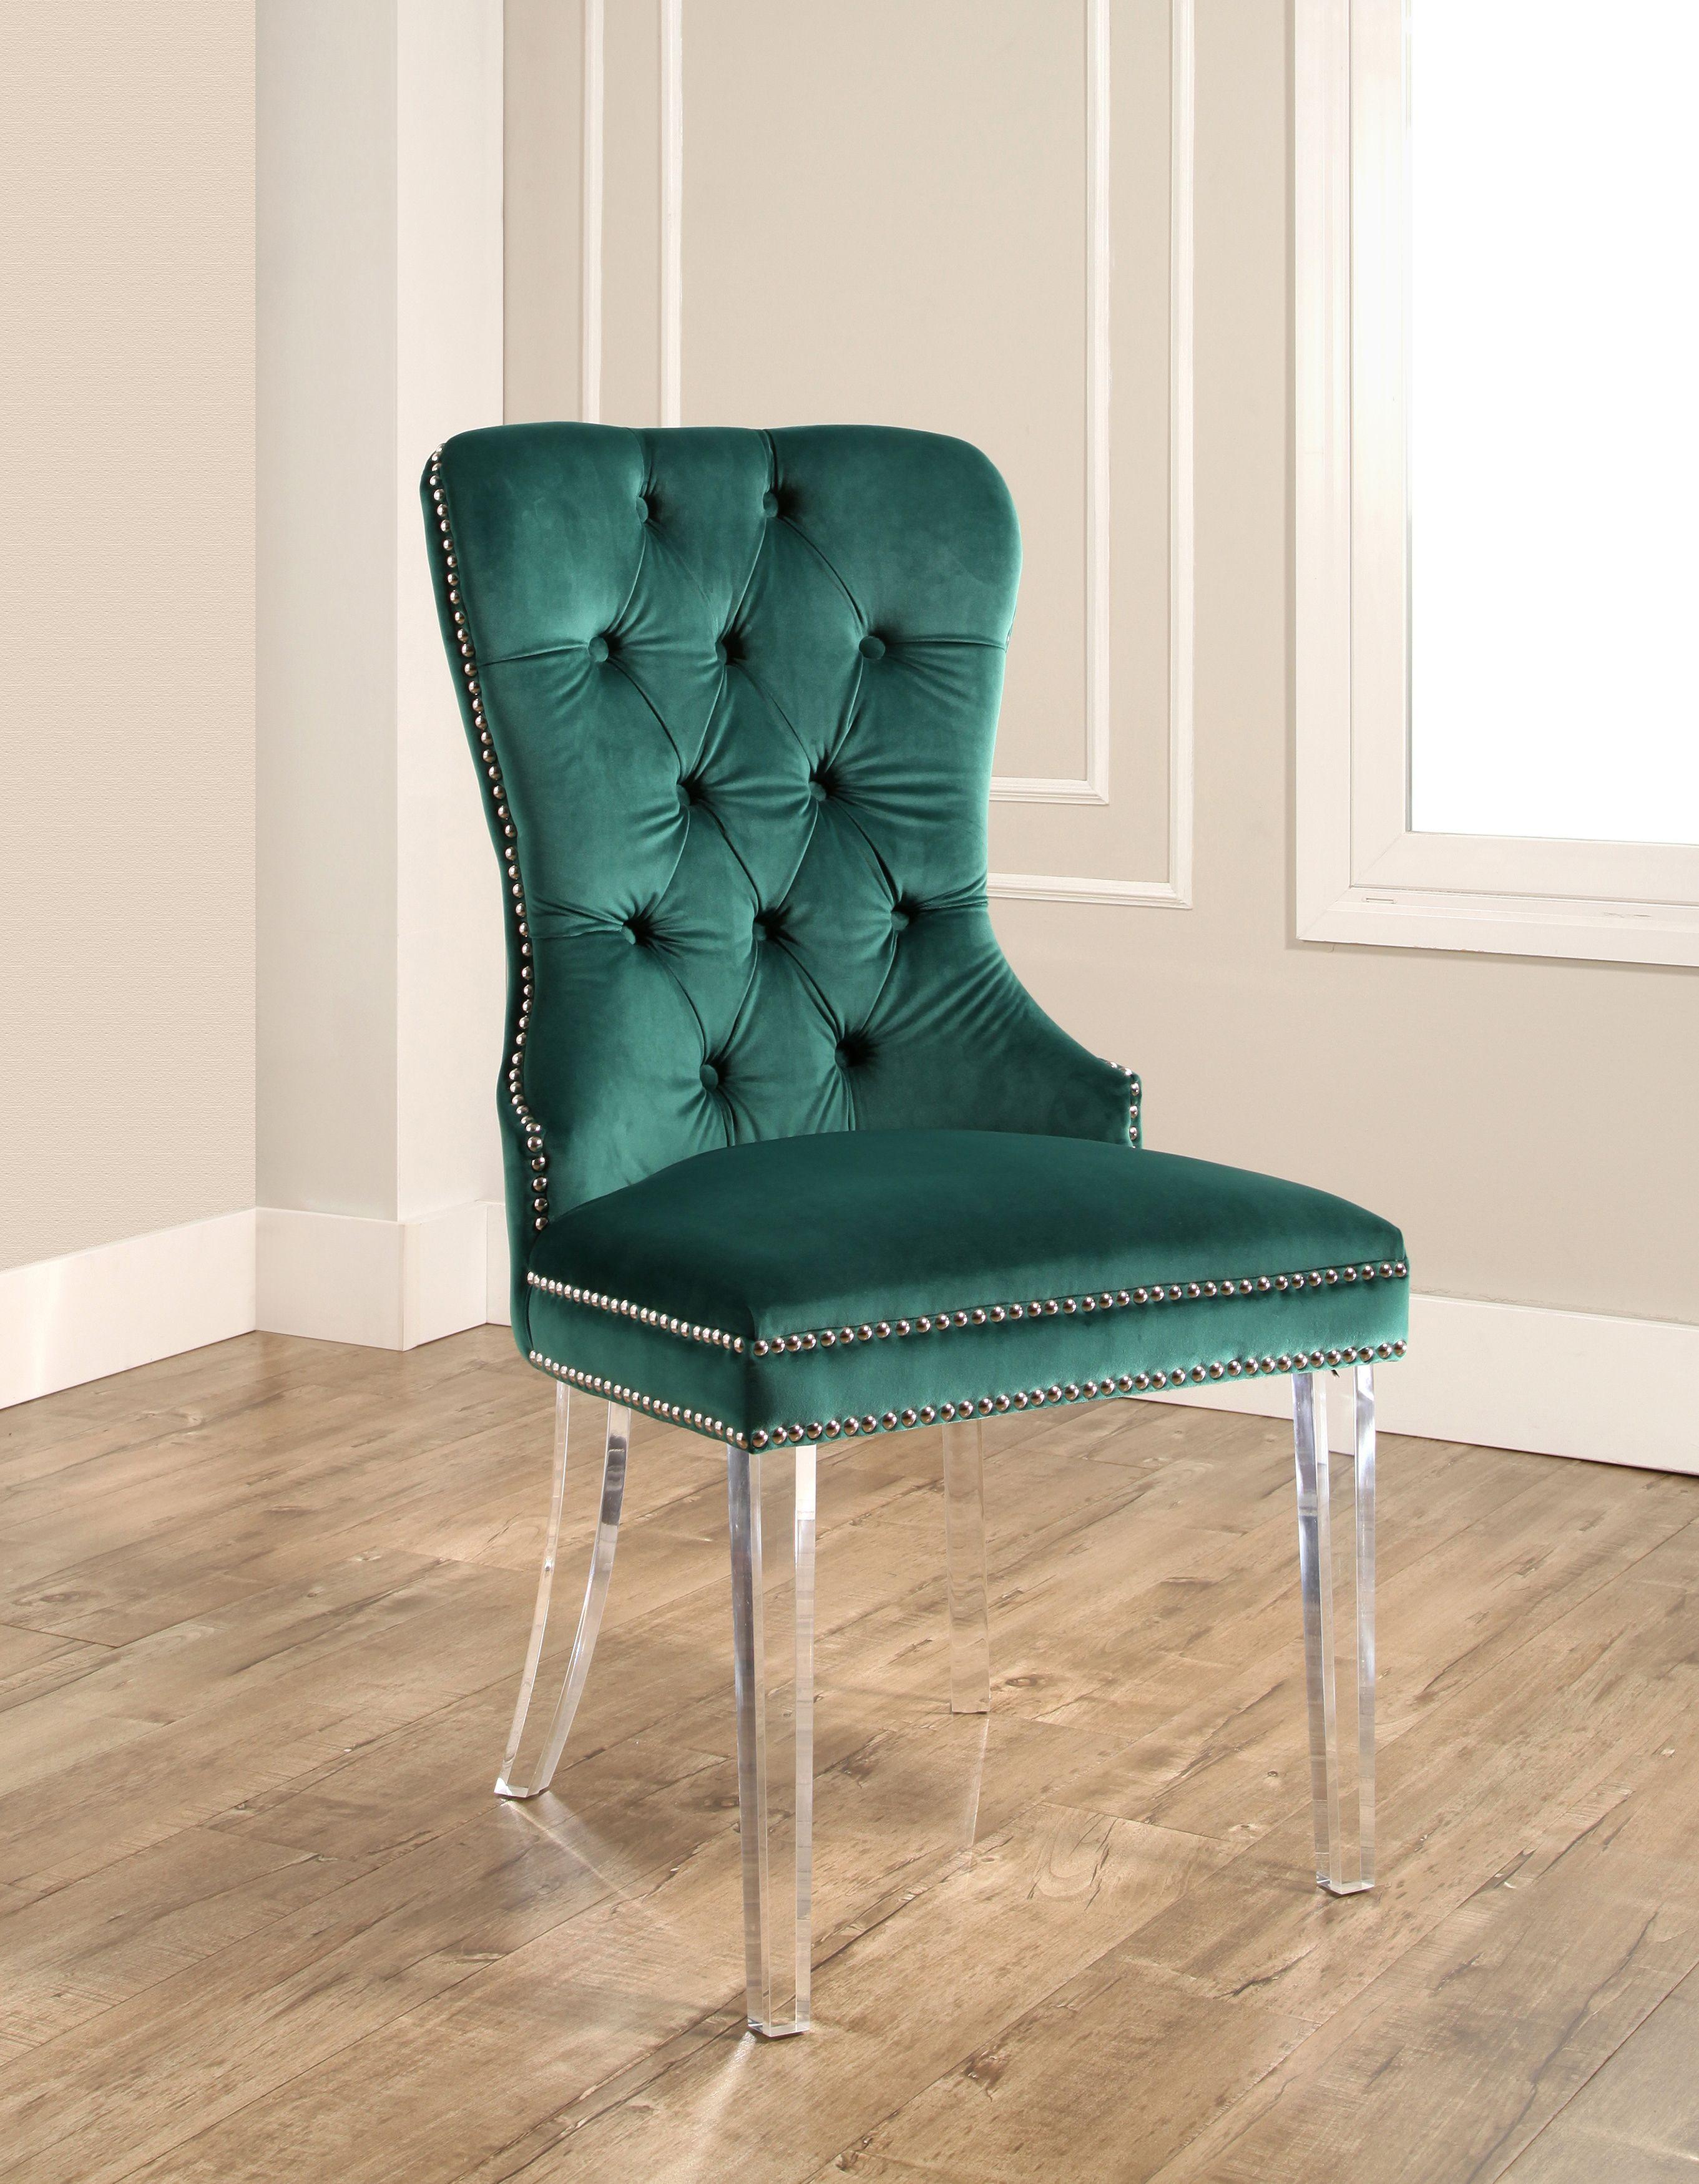 cheap acrylic chair legs